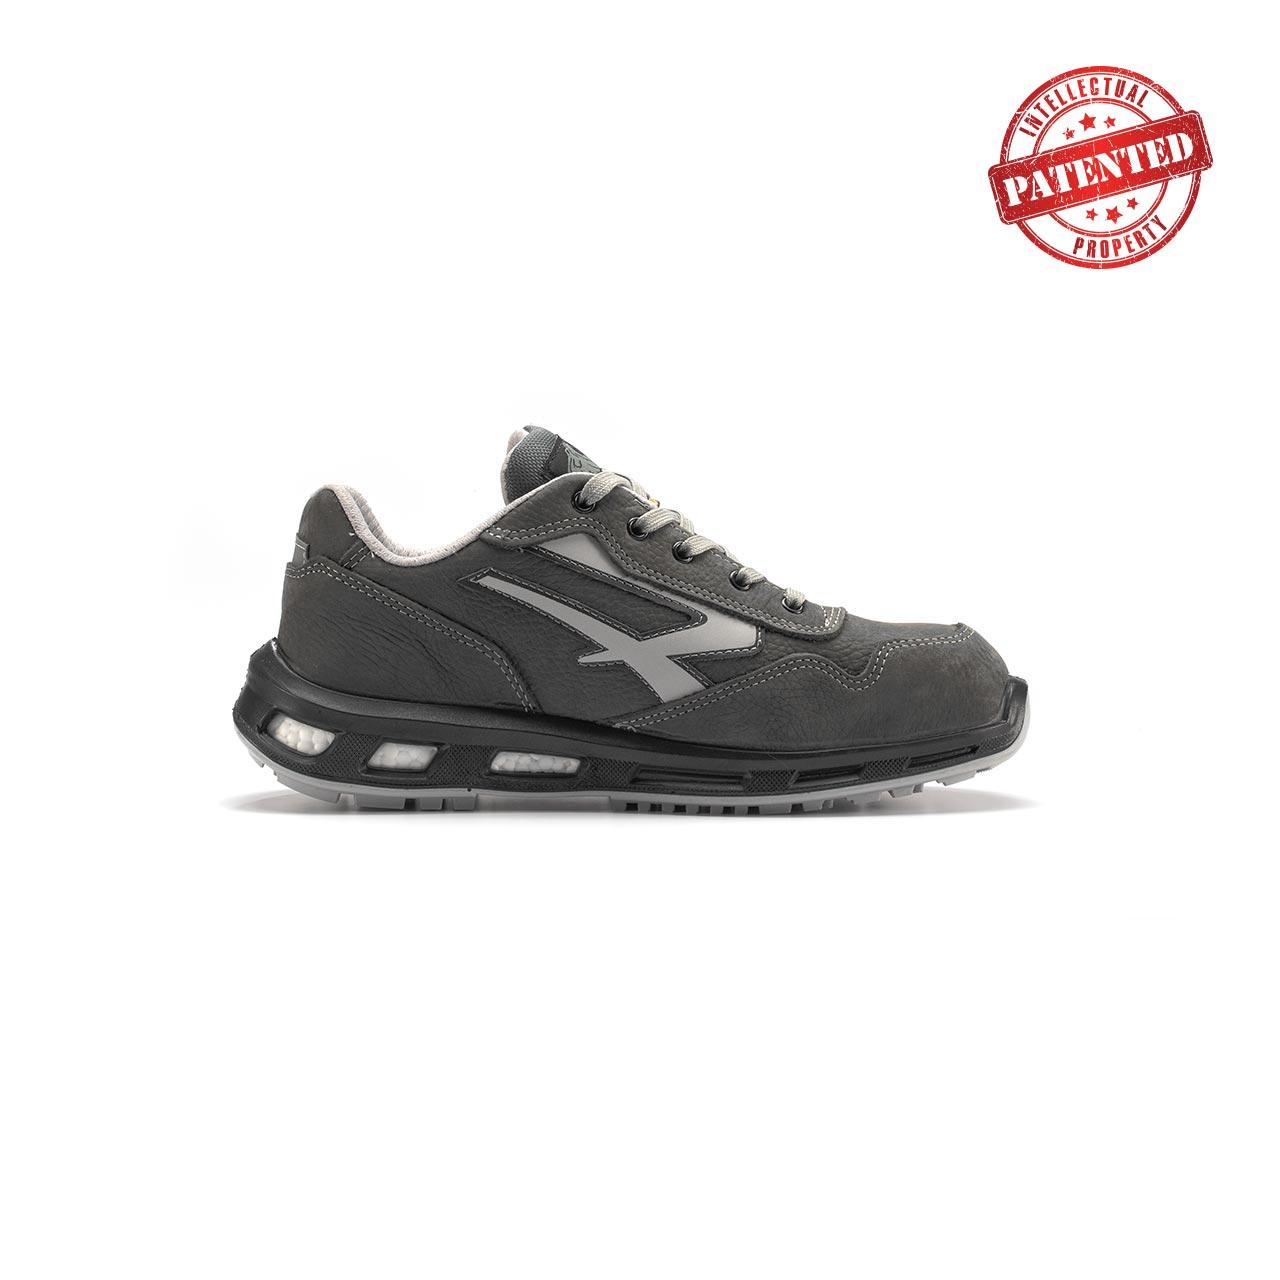 calzatura da lavoro upower modello kick linea redlion vista lato destro